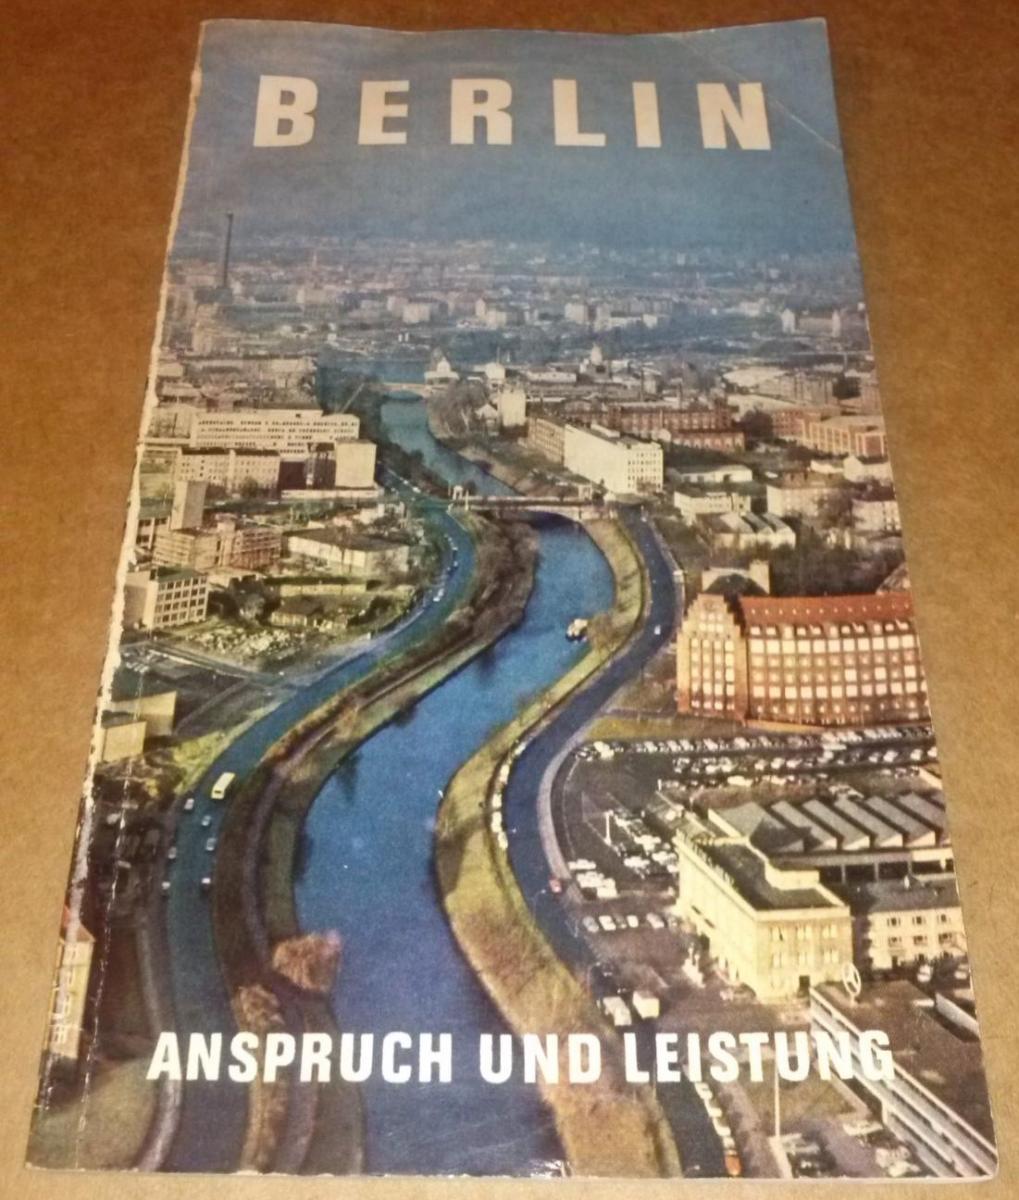 Berlin - Anspruch und Leistung / herausgegeben vom Presse- und Informationsamt des Landes Berlin 1965 0